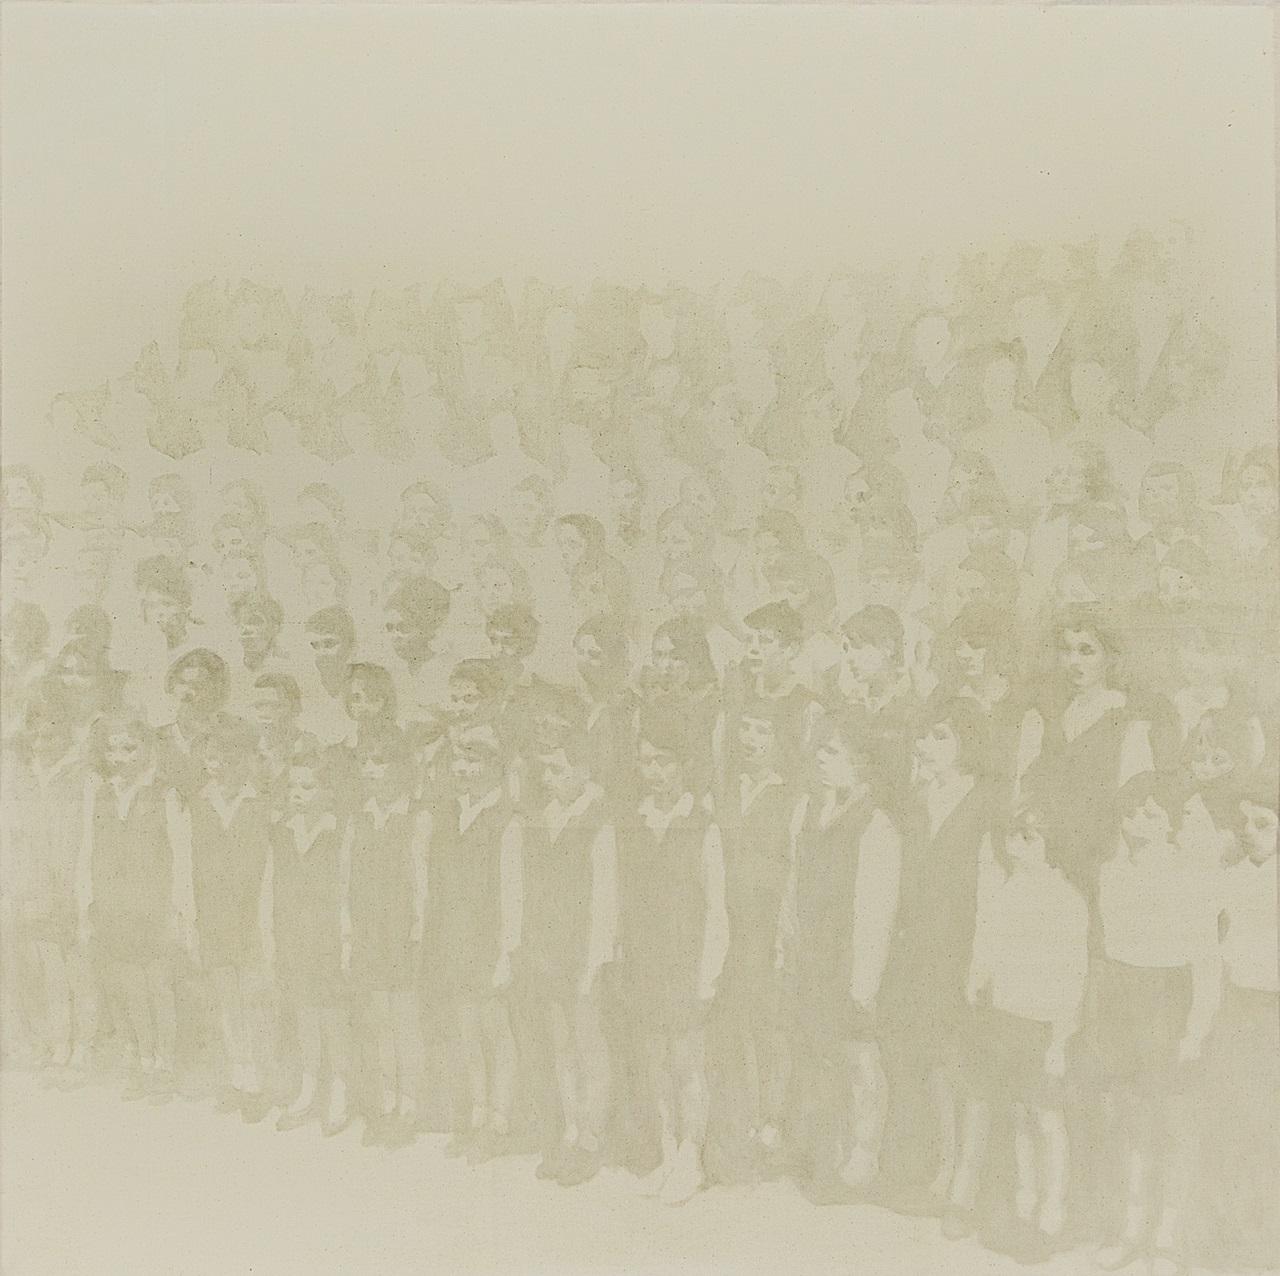 M77 Gallery | UNO+UNO | Ieva Petersone e Dimitri Agnello